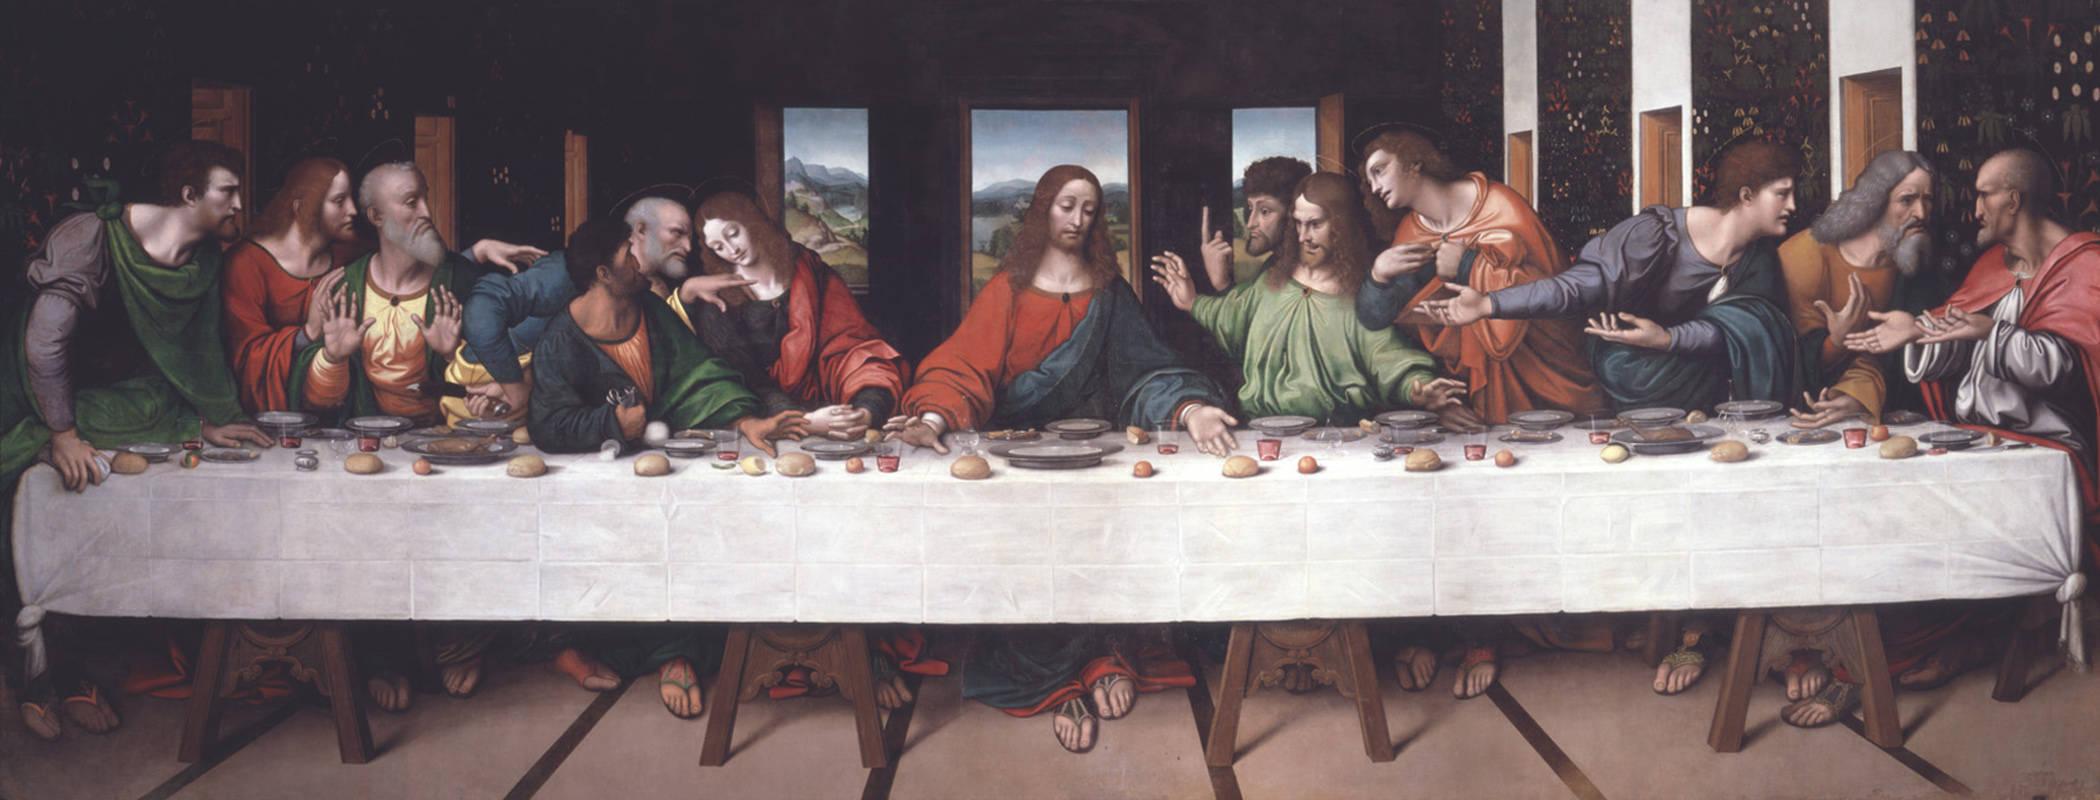 Giampietrino-Last-Supper-ca-1520